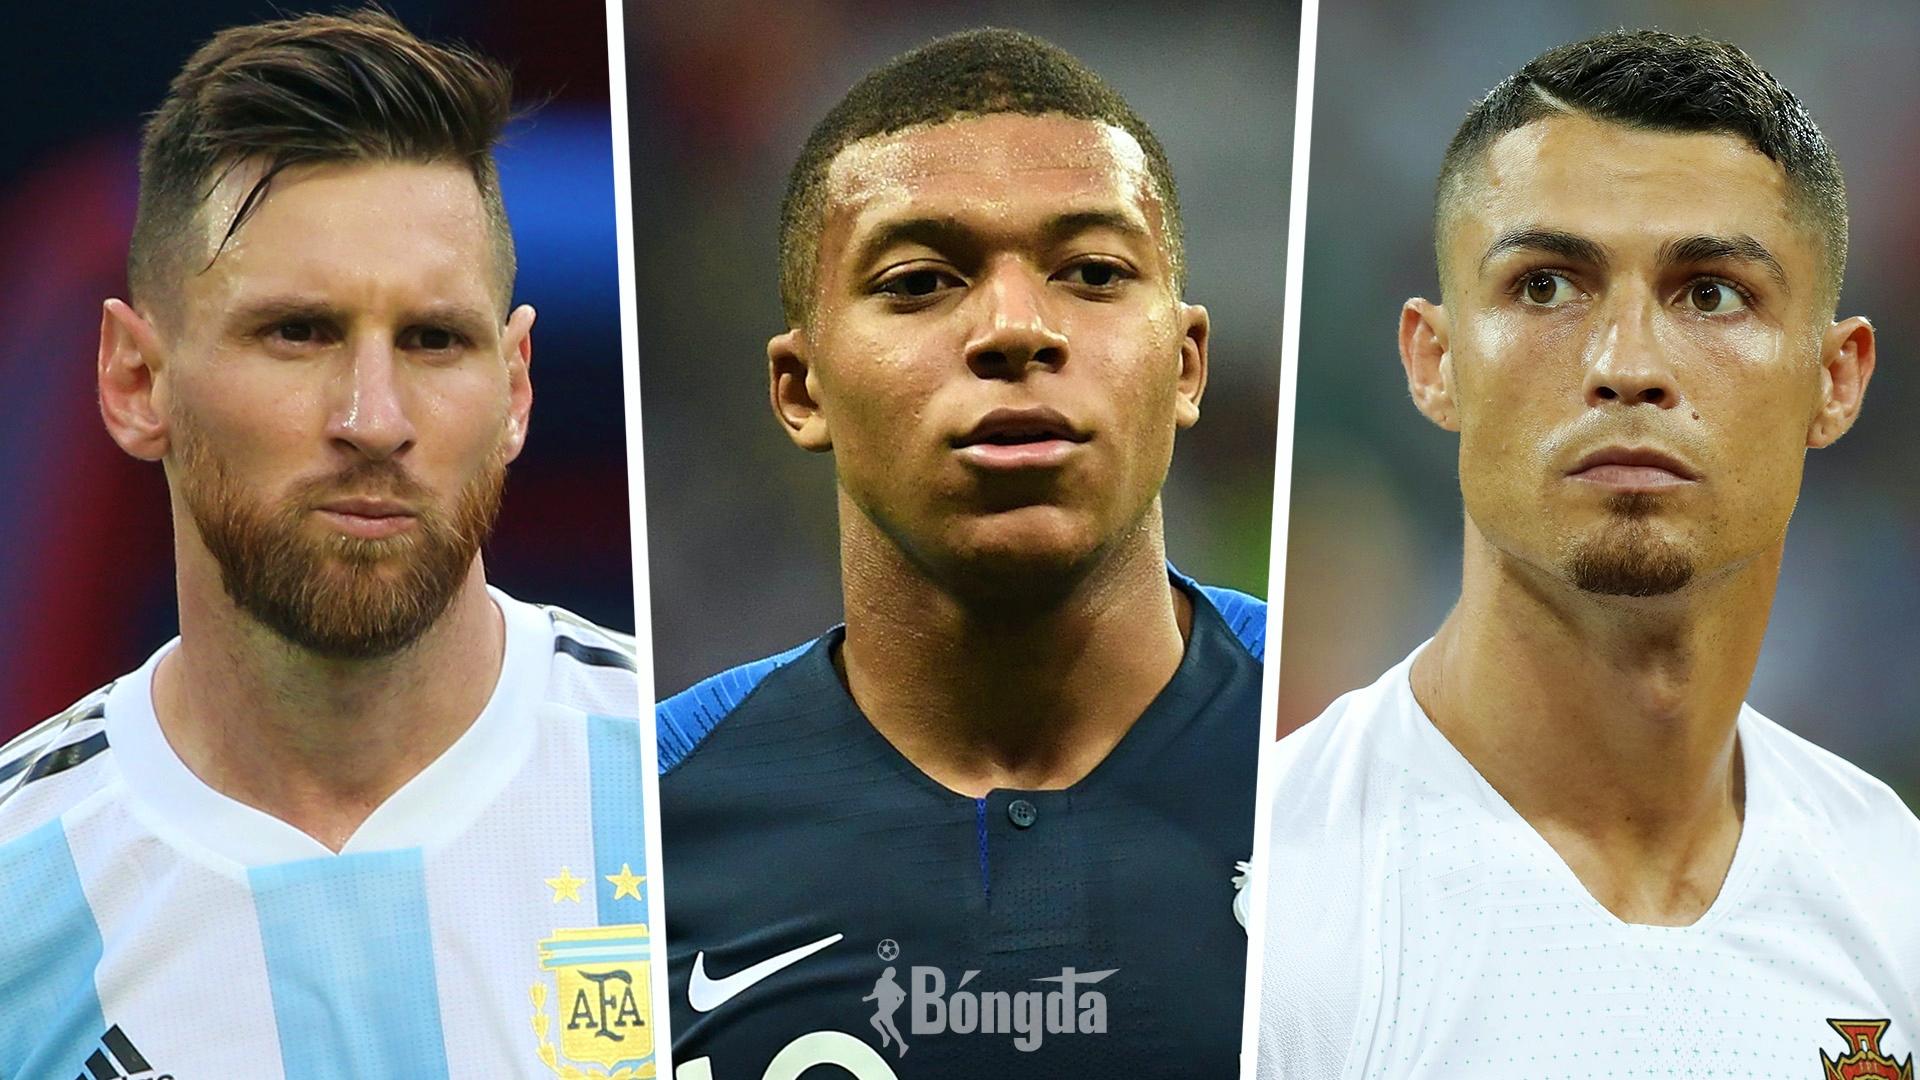 Tự so sánh với Messi và Ronaldo, Mbappe thừa nhận chưa đủ trình